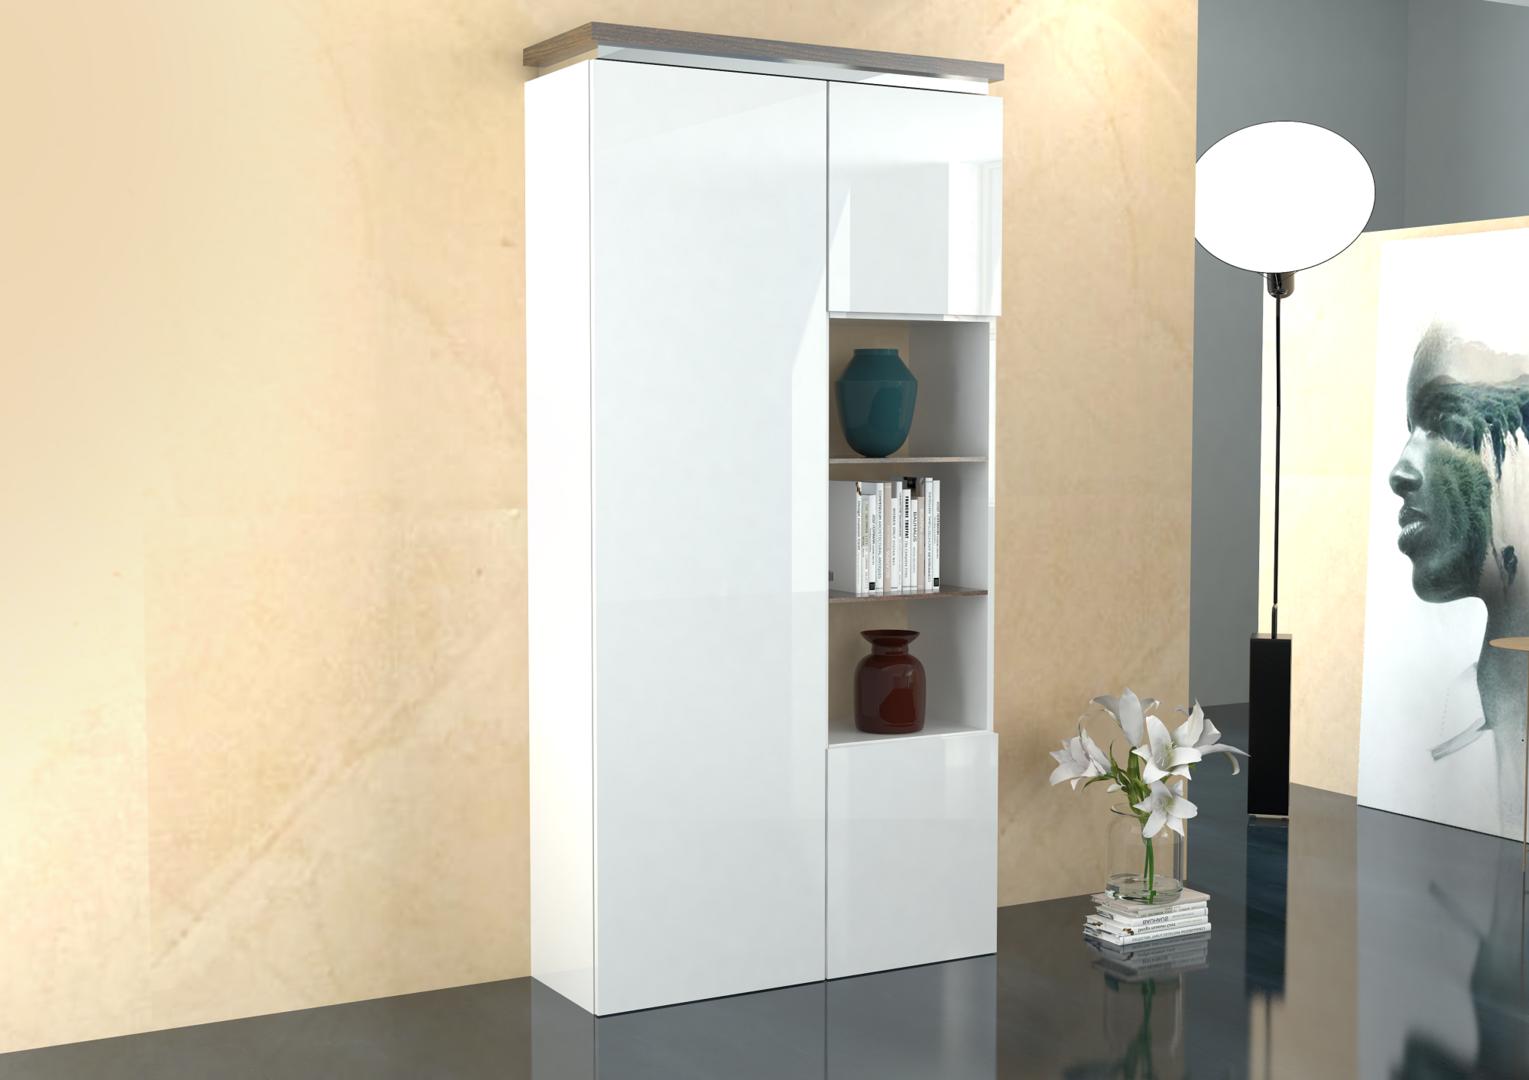 Credenza moderna messico mobile soggiorno sala da pranzo for Mobile soggiorno bianco